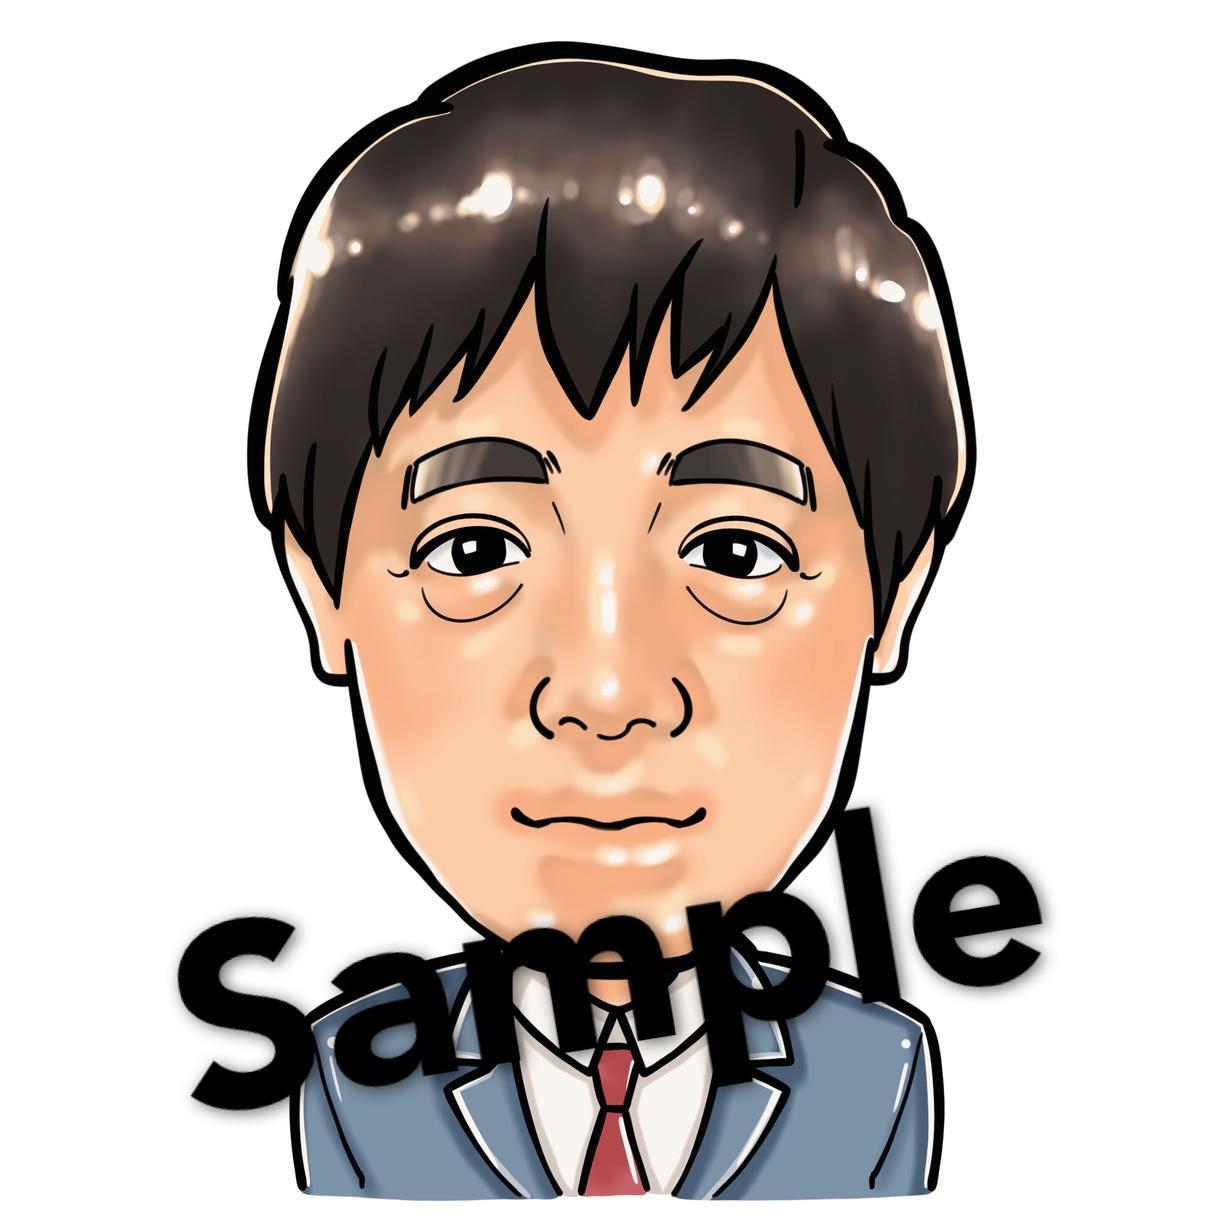 期間限定1,000円〜☆あなたの似顔絵お描きします ☆特徴を捉えて顔を目立たせ、身体はデフォルメ☆